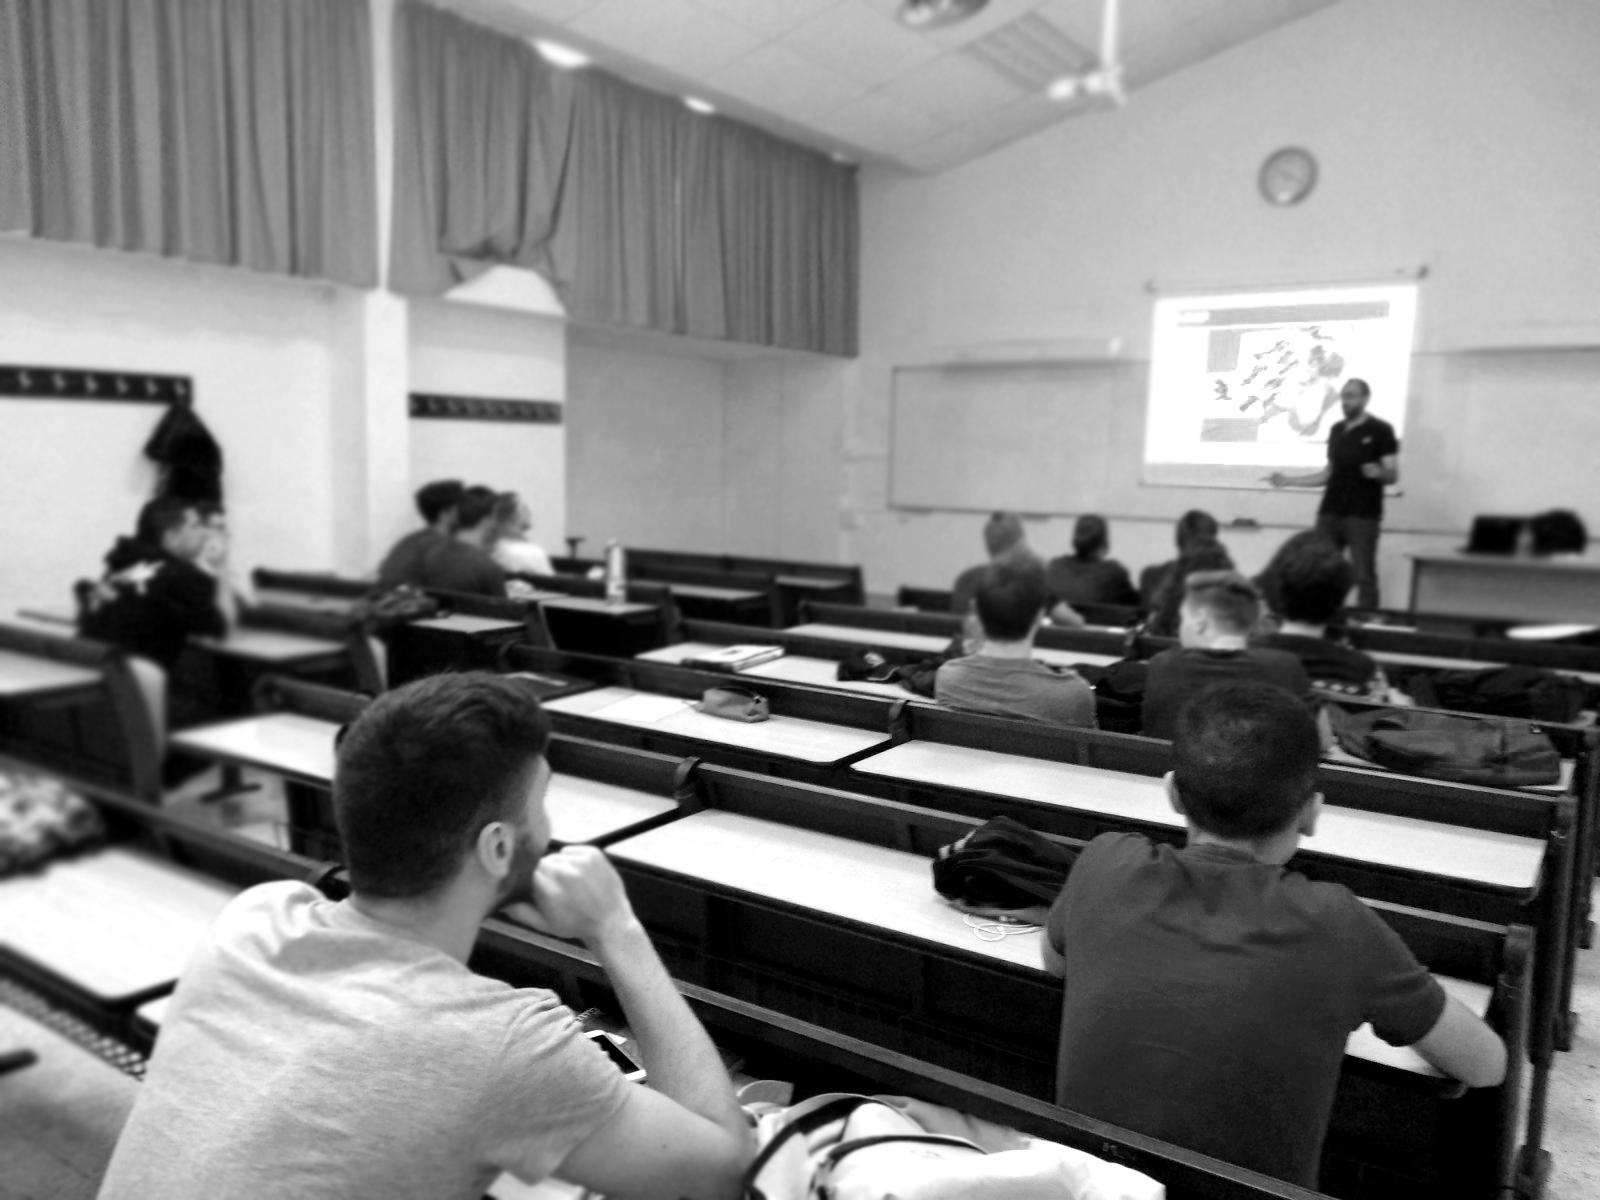 ib-red colabora con las charlas motivacionales organizadas por la UIB